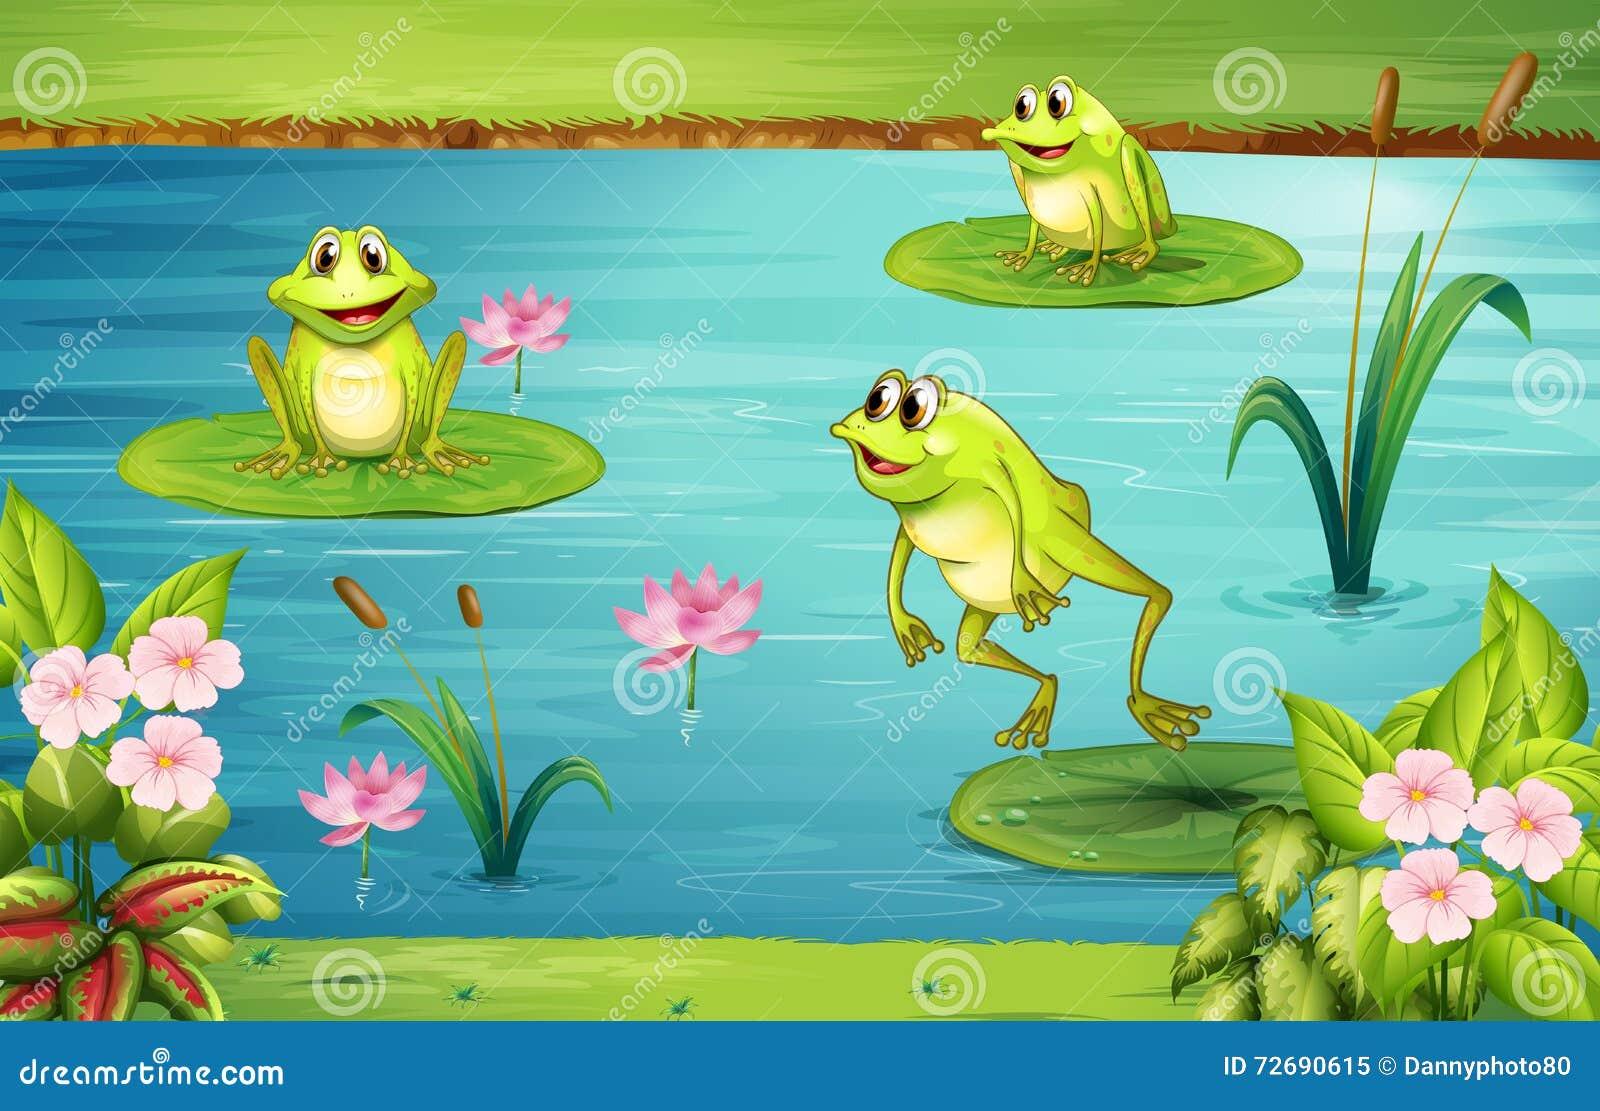 居住在池塘的三只青蛙